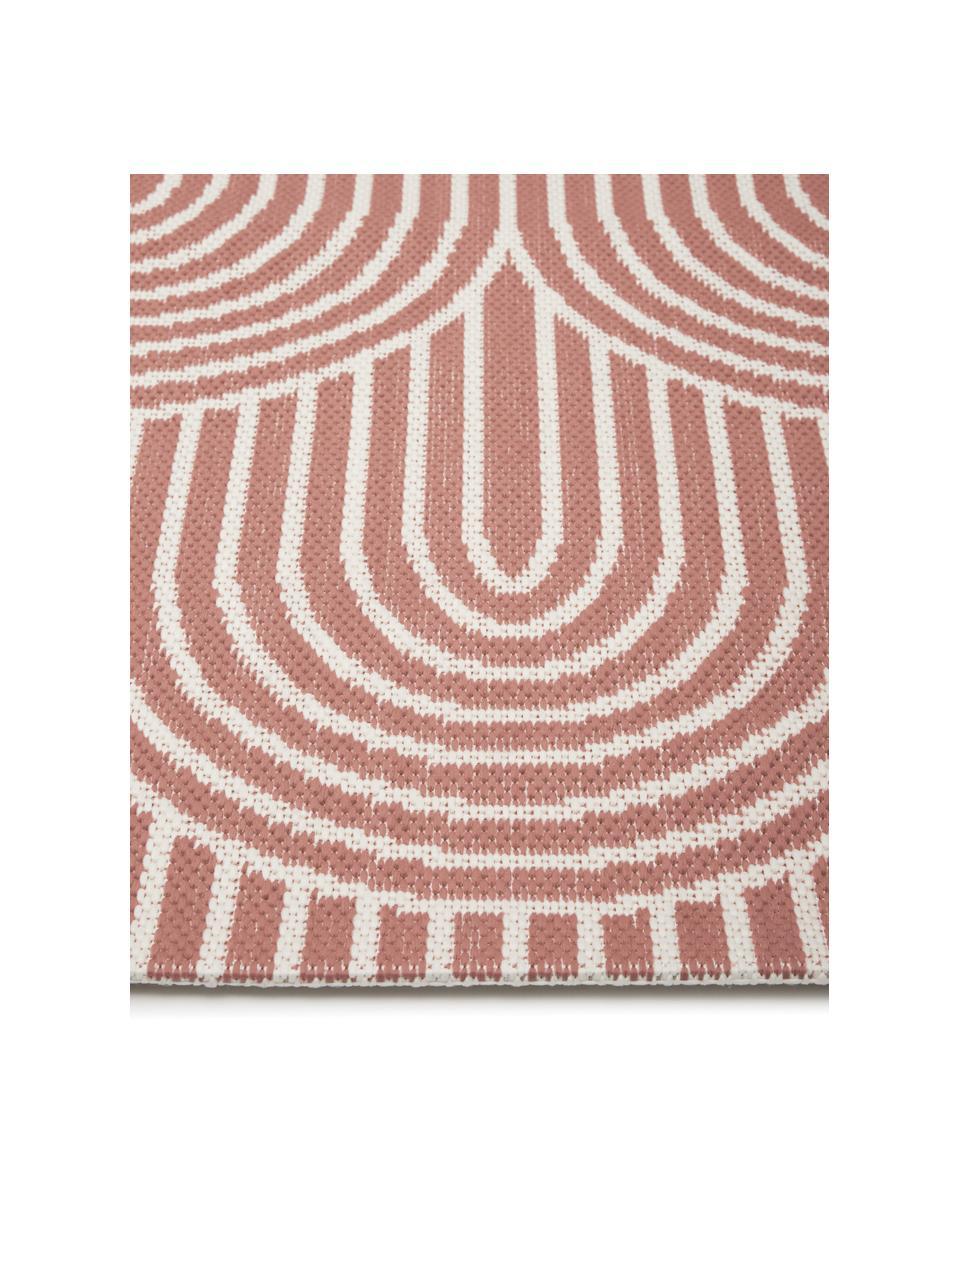 In- & Outdoorteppich Arches in Koralle/Weiß, 86% Polypropylen, 14% Polyester, Rot, Weiß, B 200 x L 290 cm (Größe L)